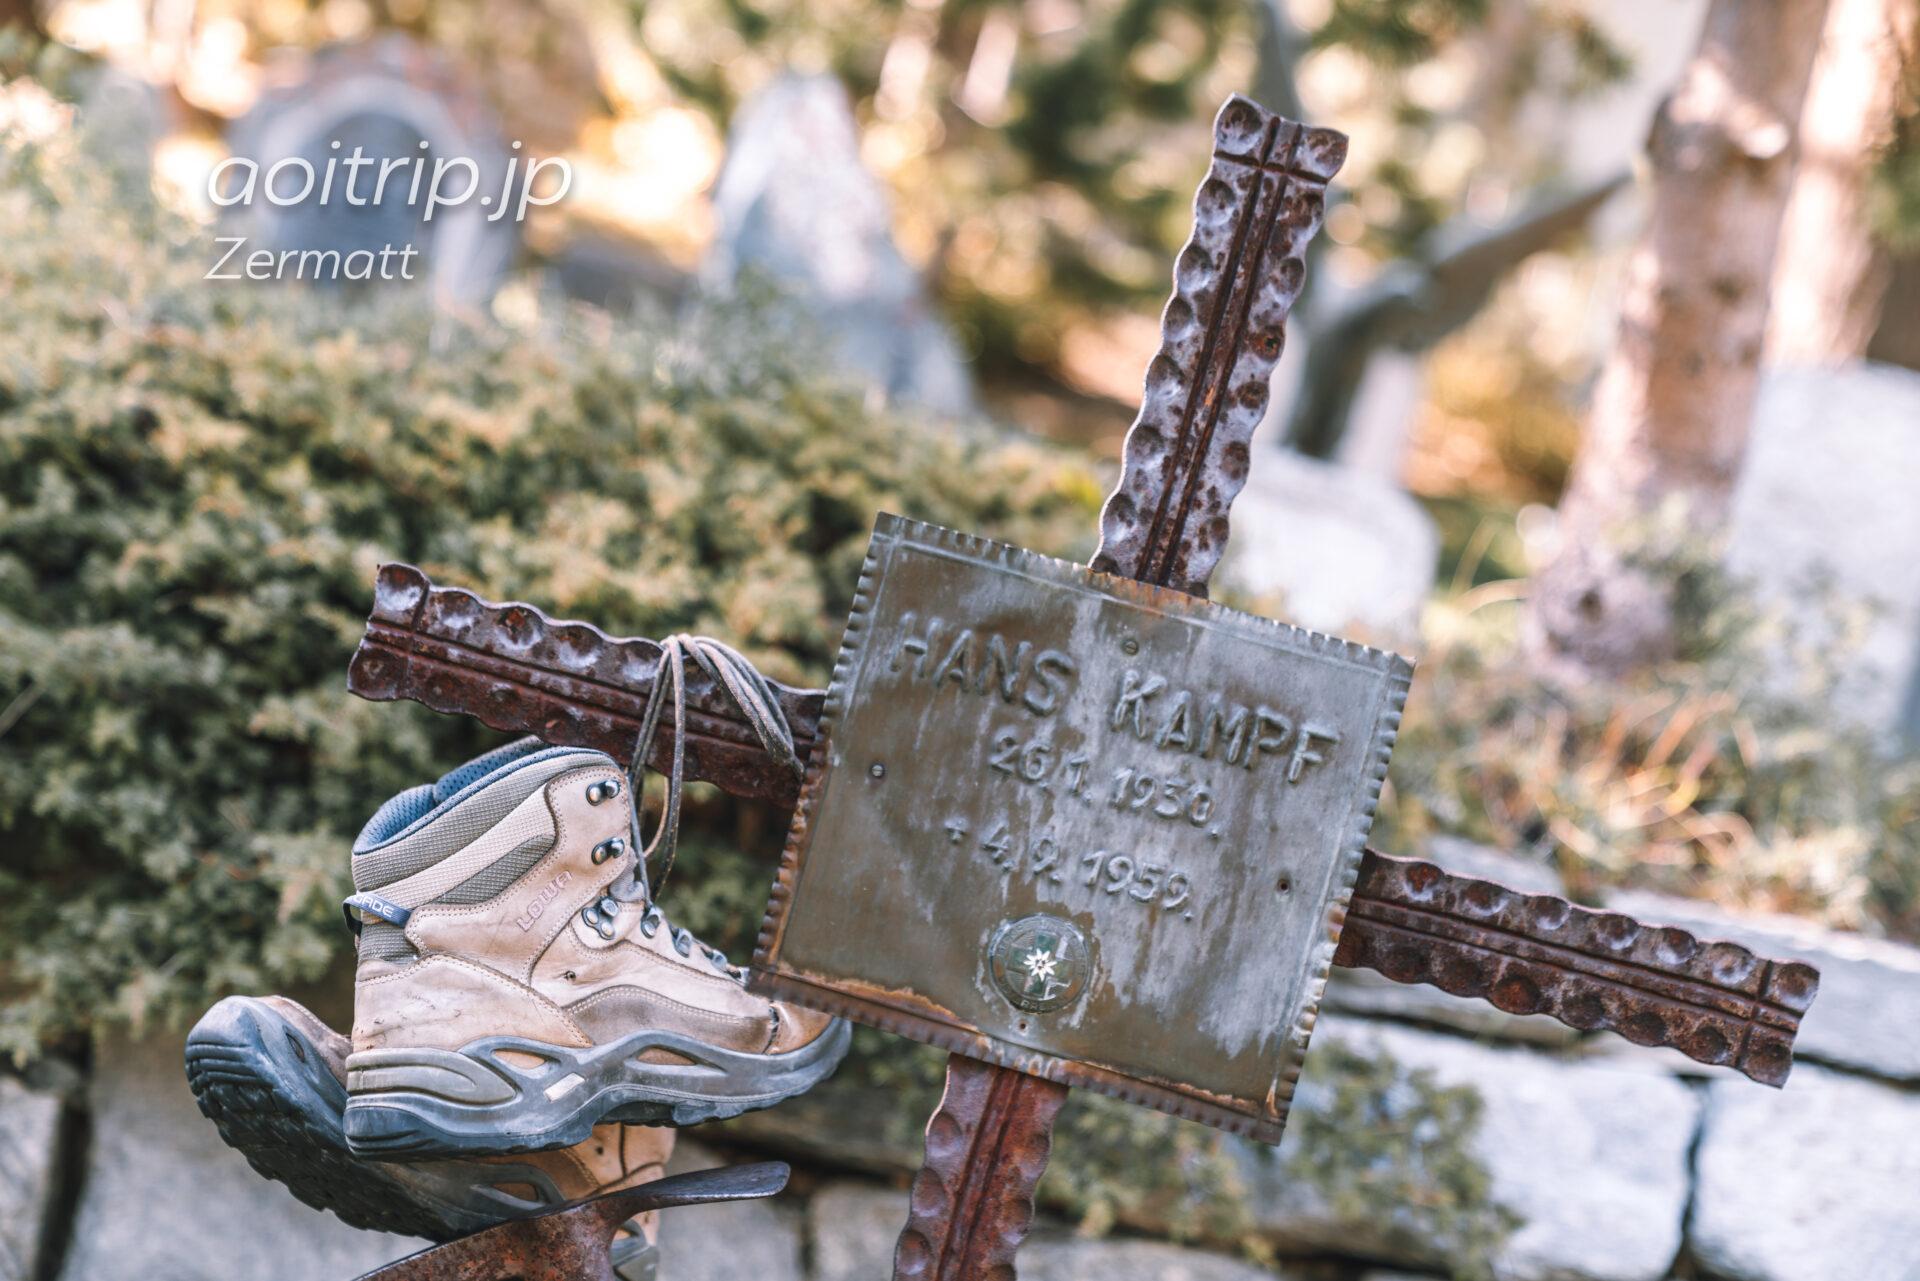 ツェルマットの墓地(Friedhof)